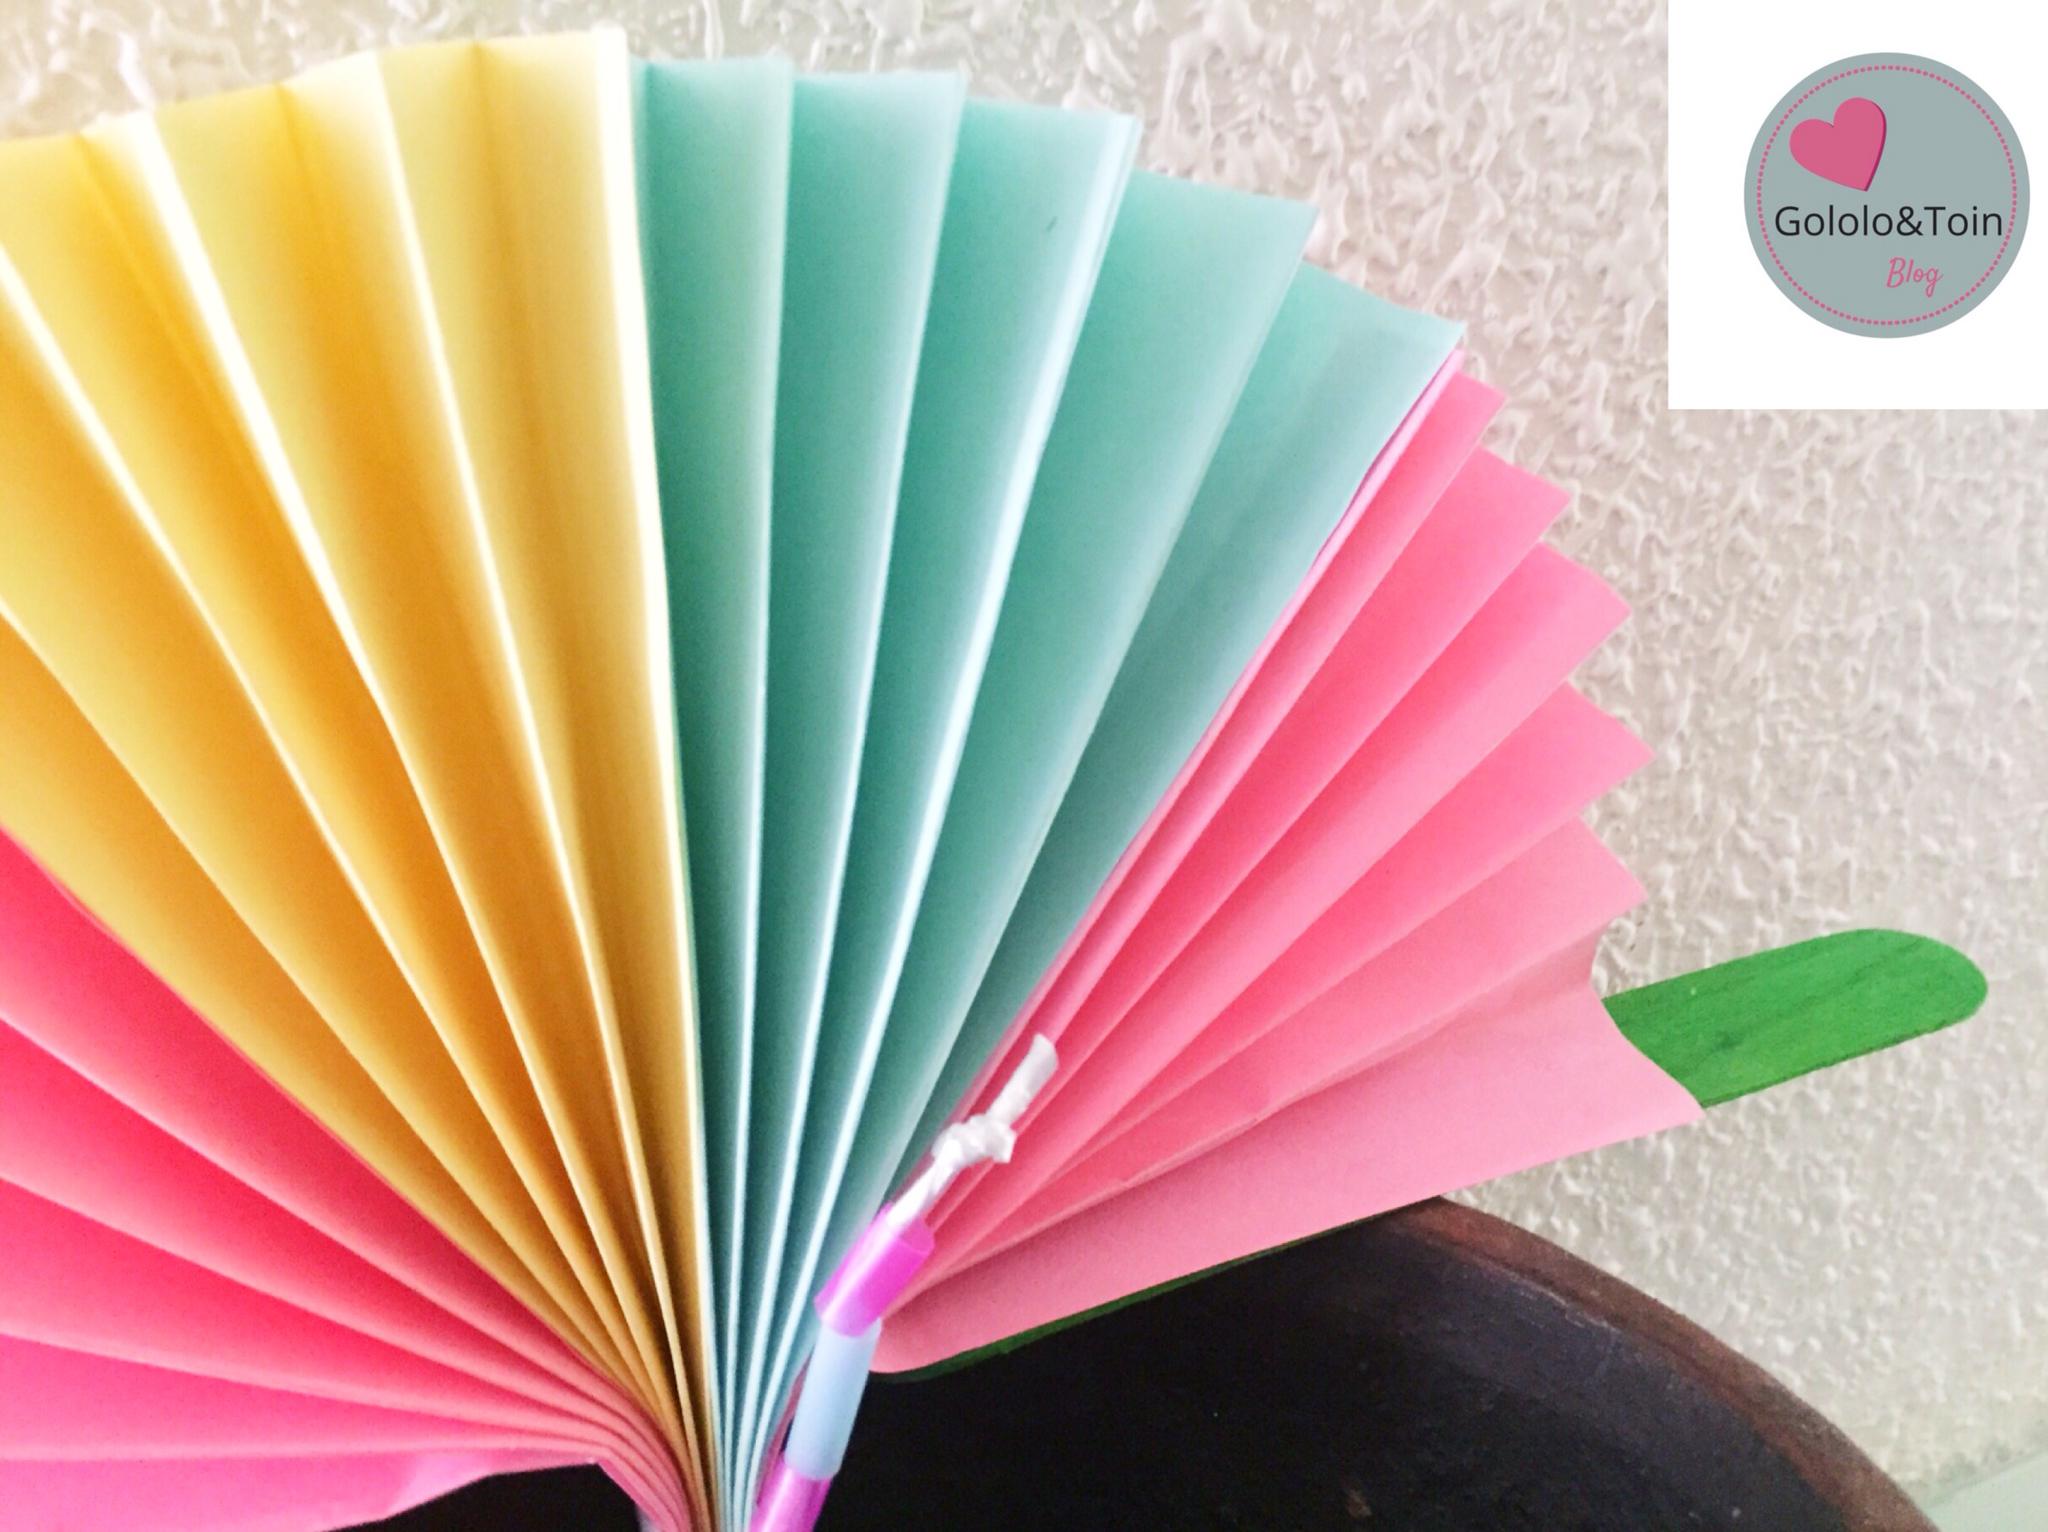 Abanico con folios de colores diy gololo y toin blog for Abanico de colores